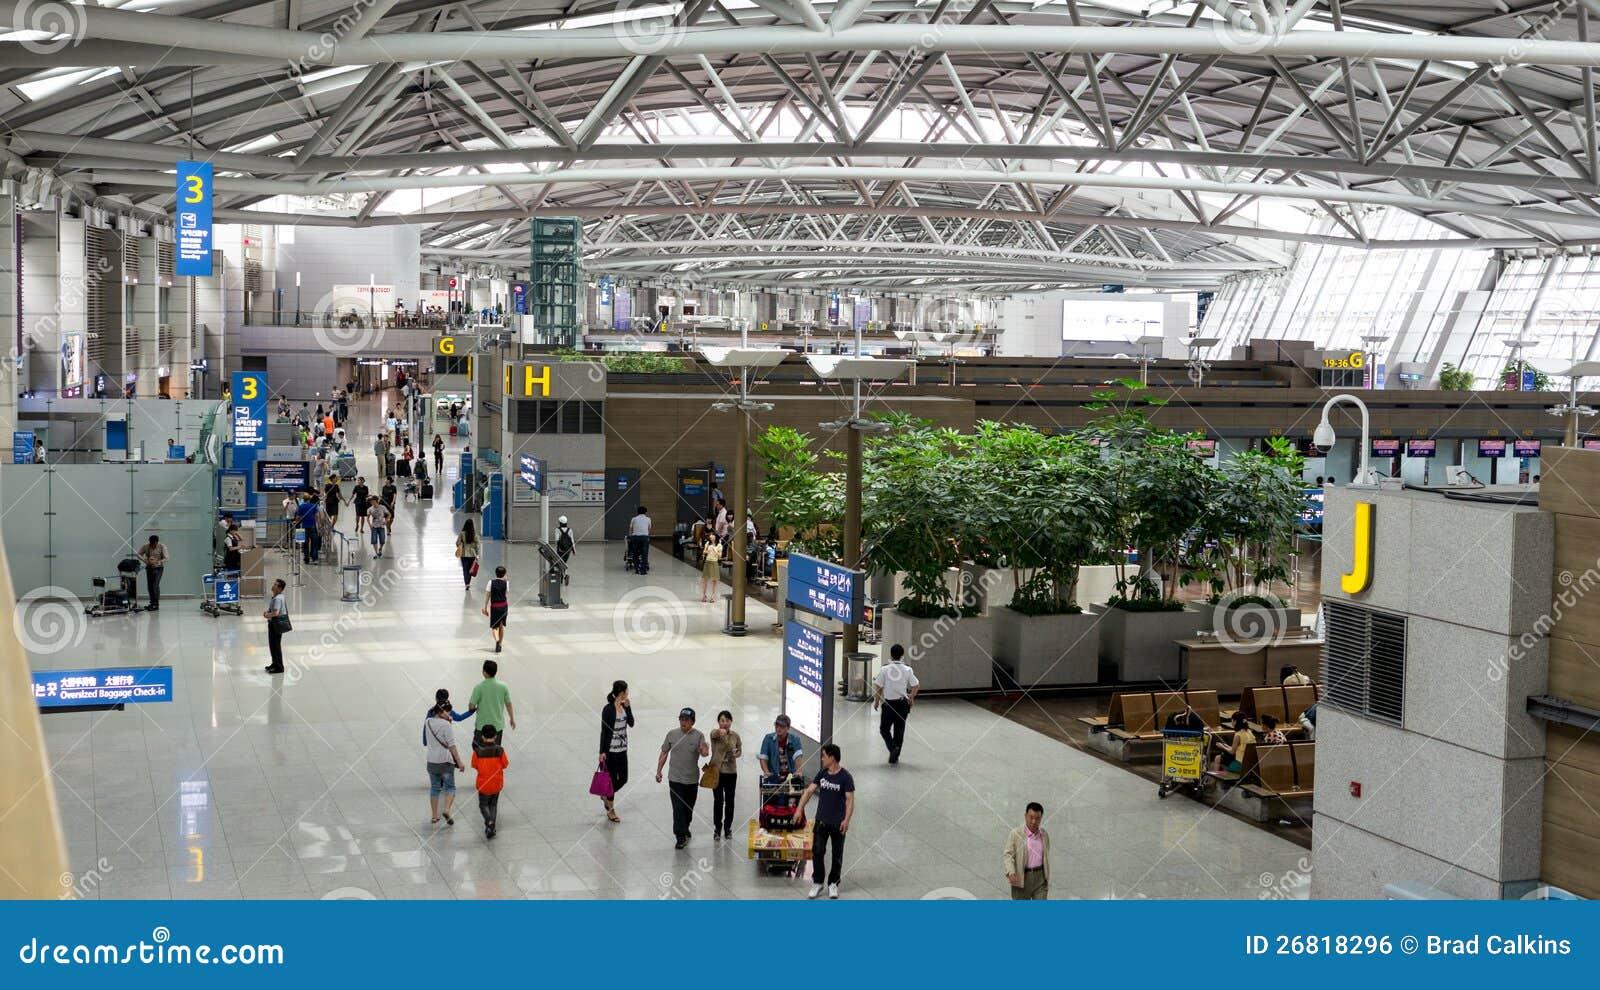 Aeropuerto de Soeul Incheon